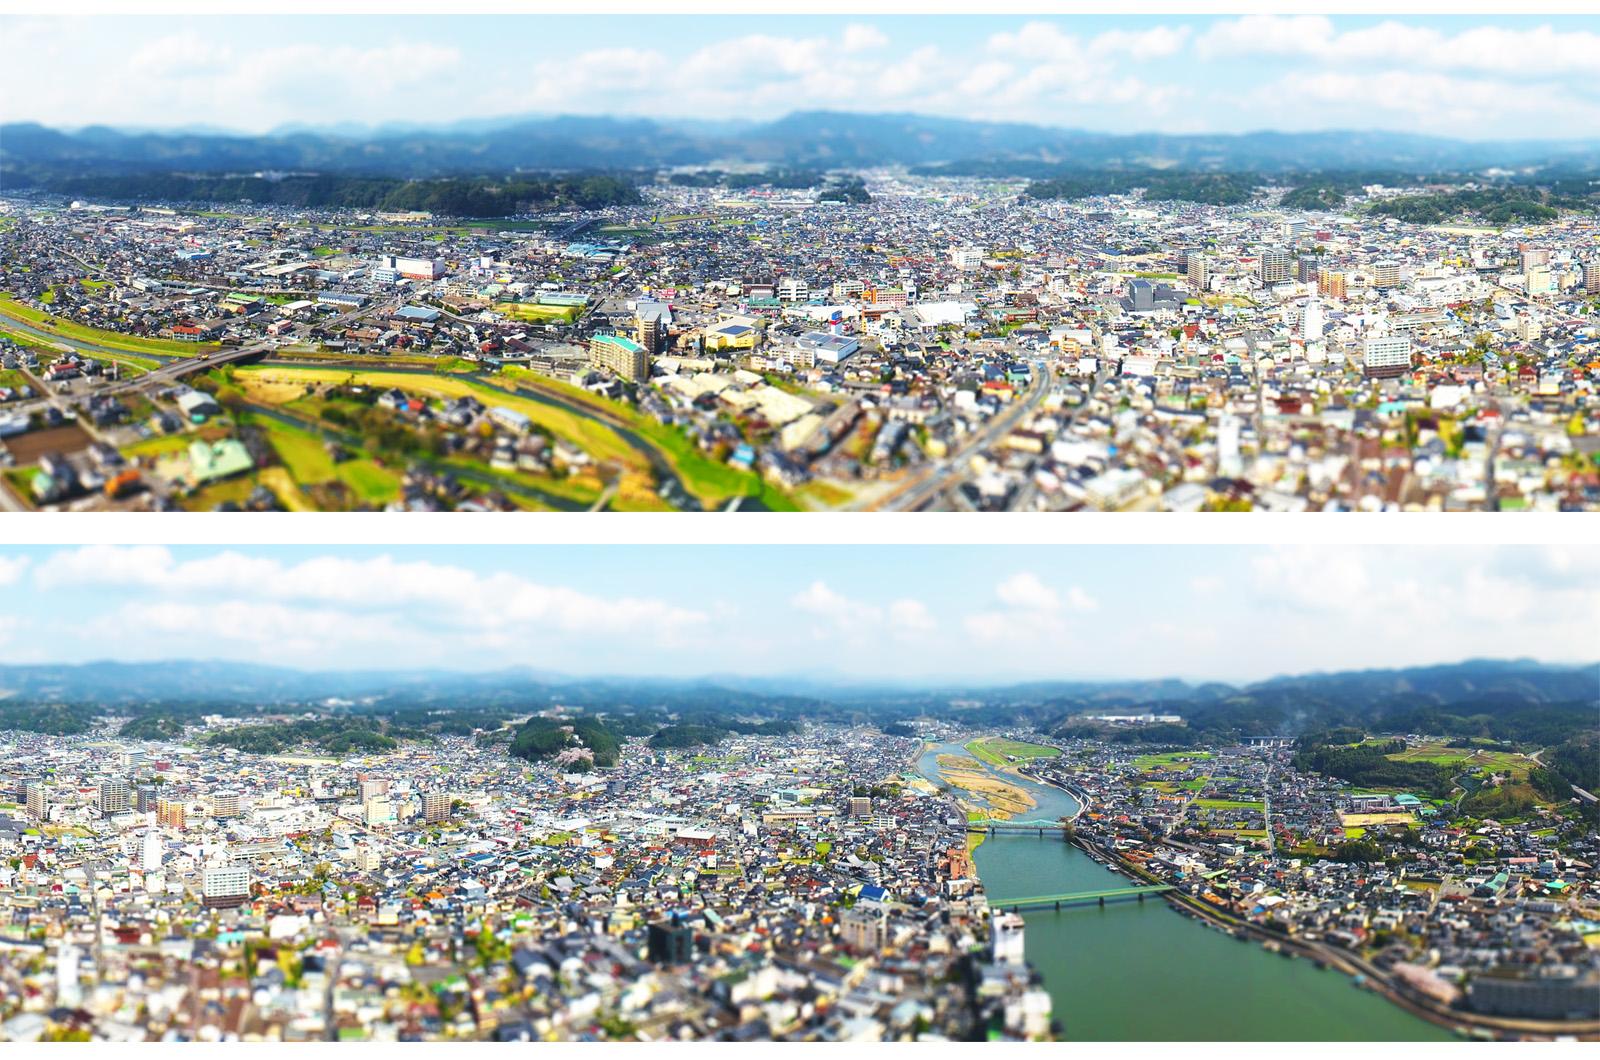 日田市の空撮画像-パノラマ-ジオラマ風レタッチ-ドローン